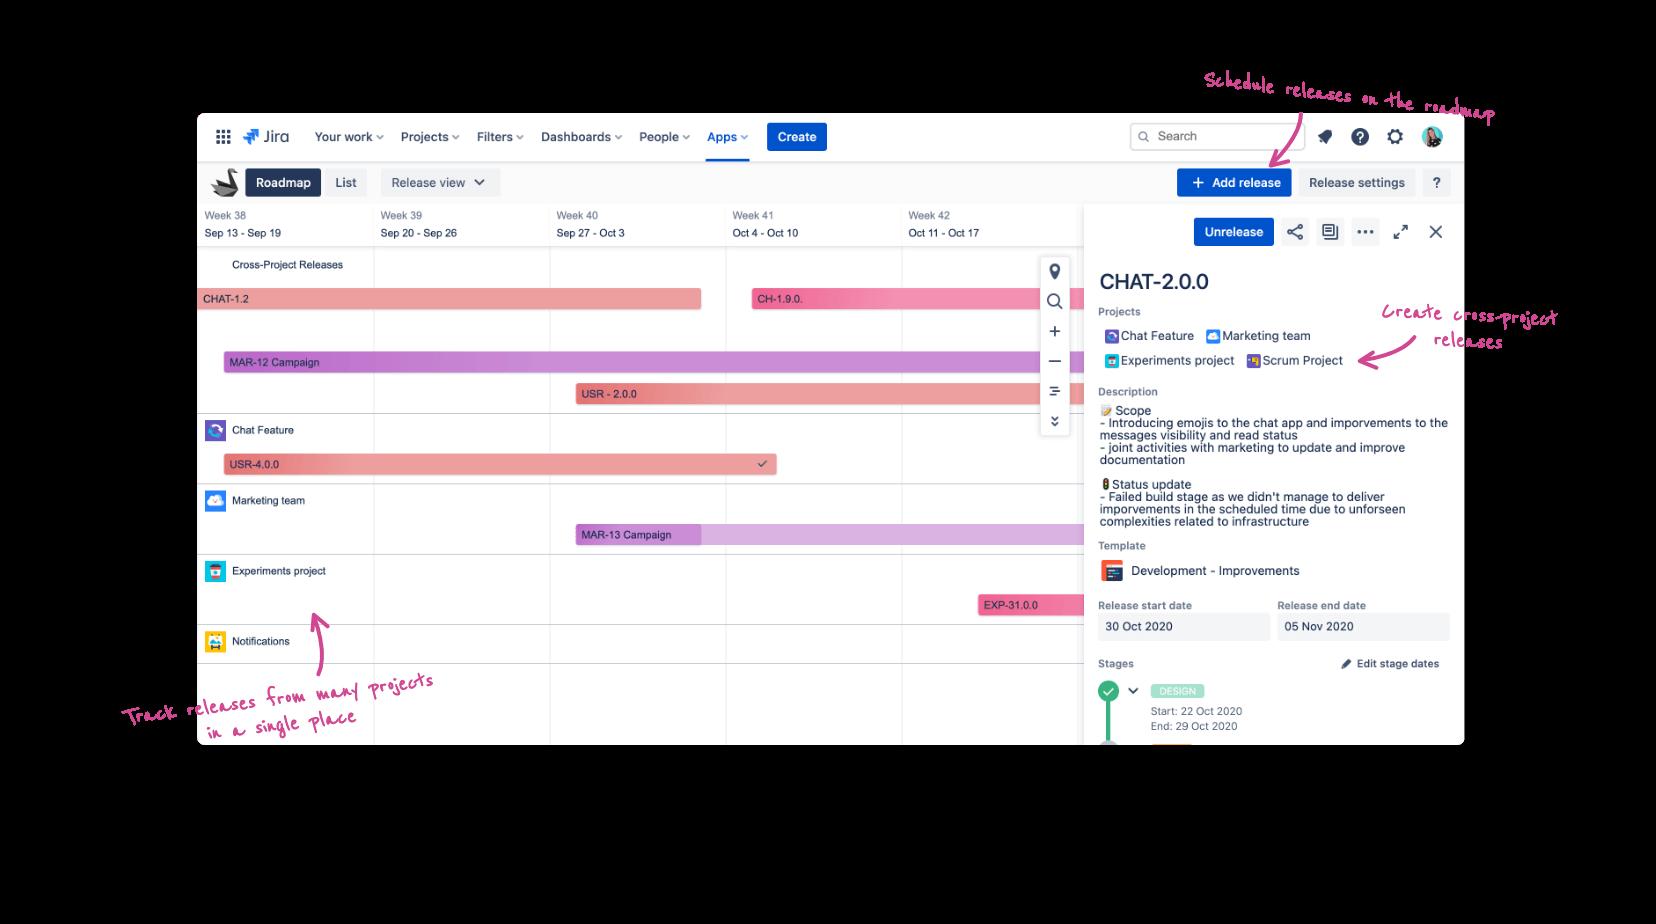 Jira project portfolio release roadmap timeline